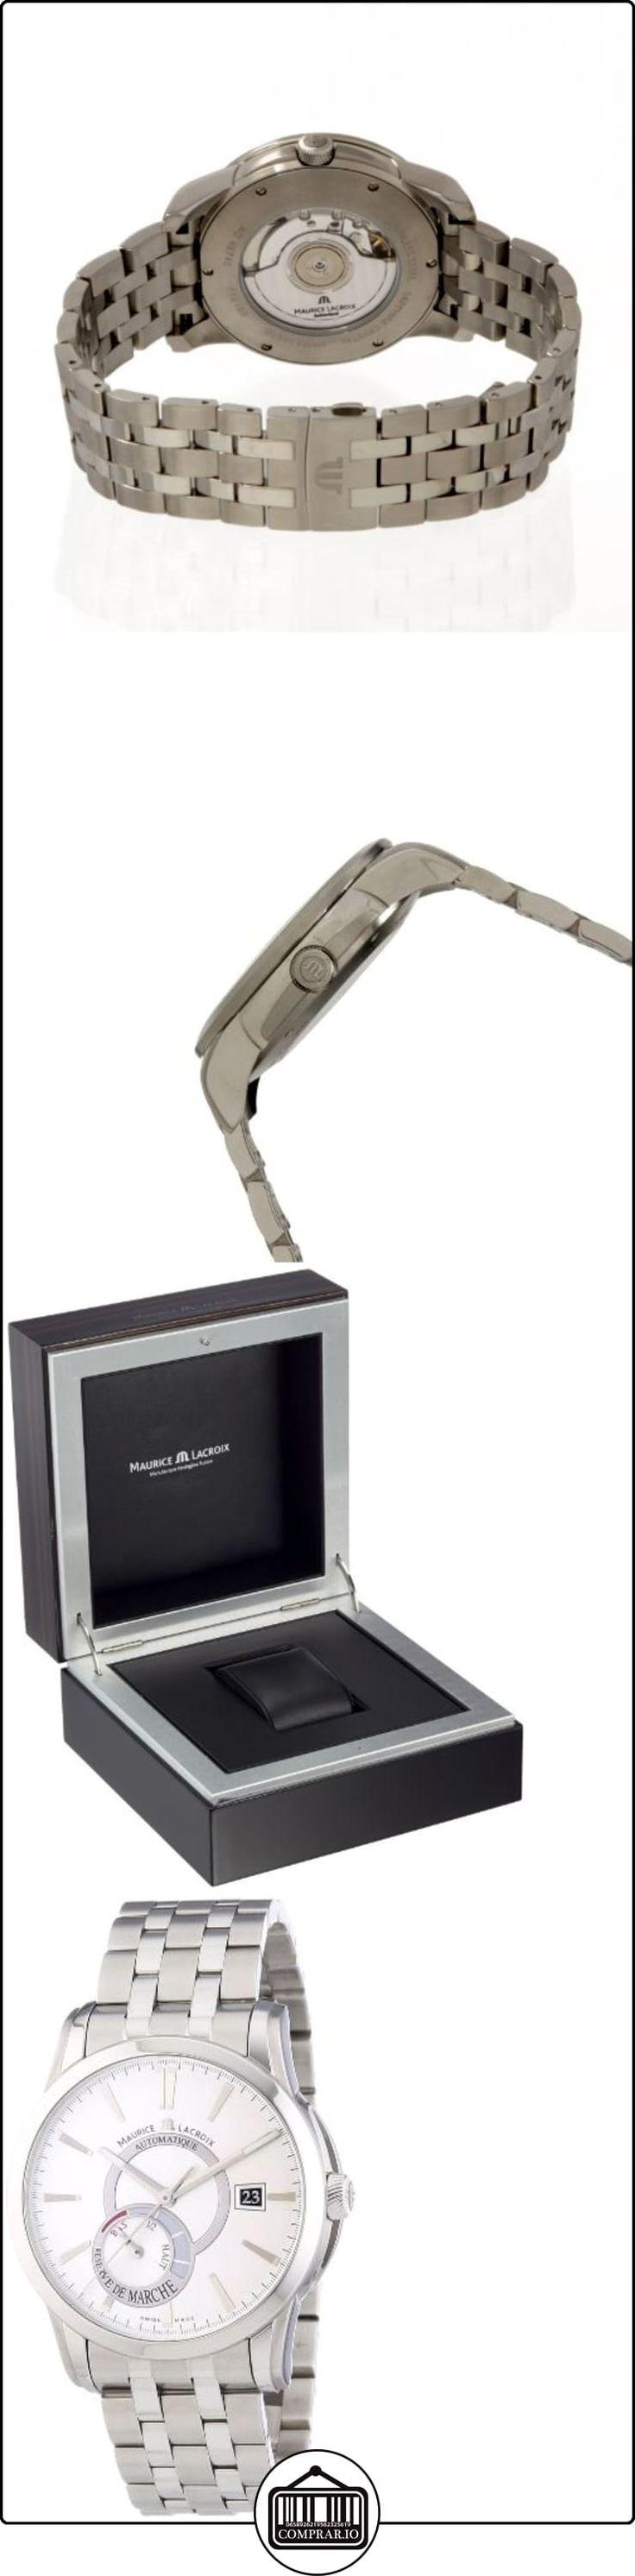 Maurice Lacroix  Pontos Reserve de Marche - Reloj de automático para hombre, con correa de acero inoxidable, color plateado  ✿ Relojes para hombre - (Lujo) ✿